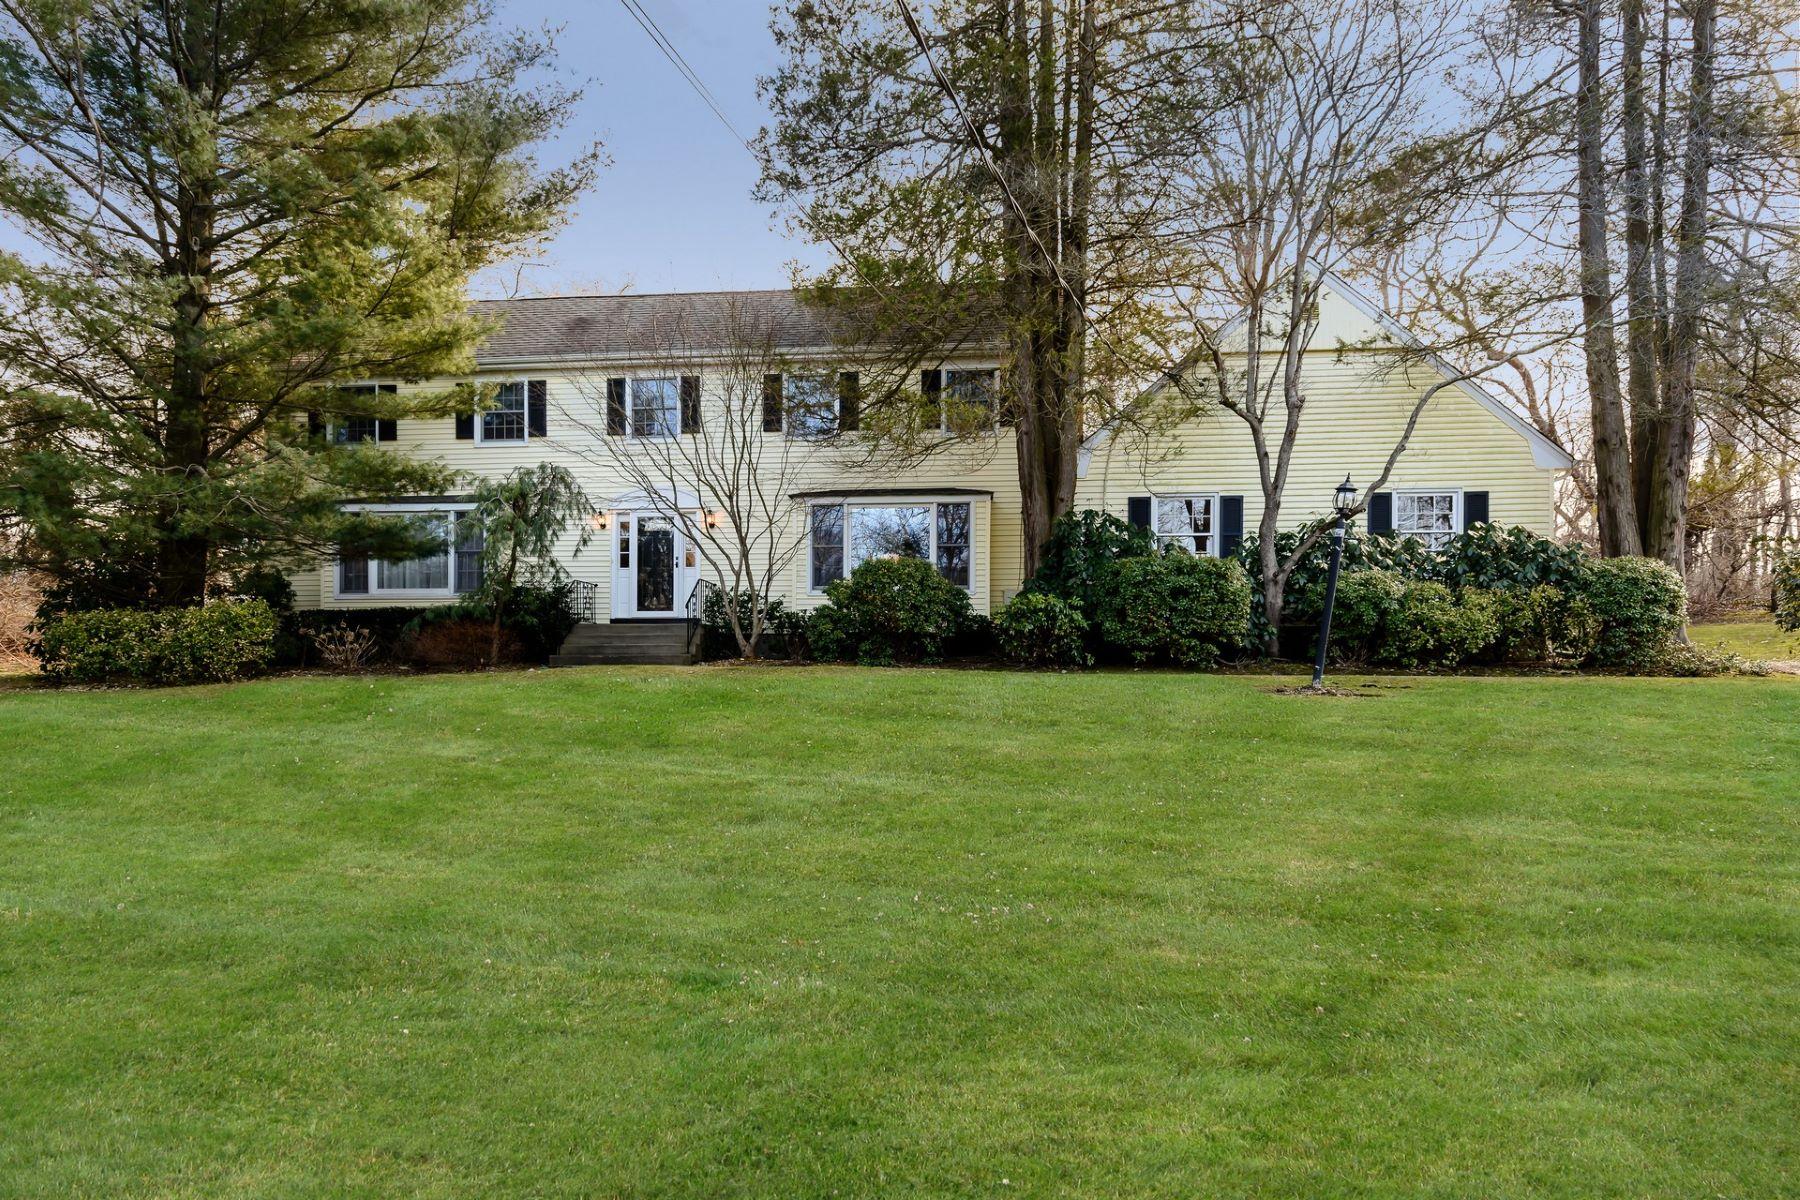 واحد منزل الأسرة للـ Sale في 6 Woodgreen Way , Laurel Hollow, NY 11791 6 Woodgreen Way, Laurel Hollow, New York, 11791 United States